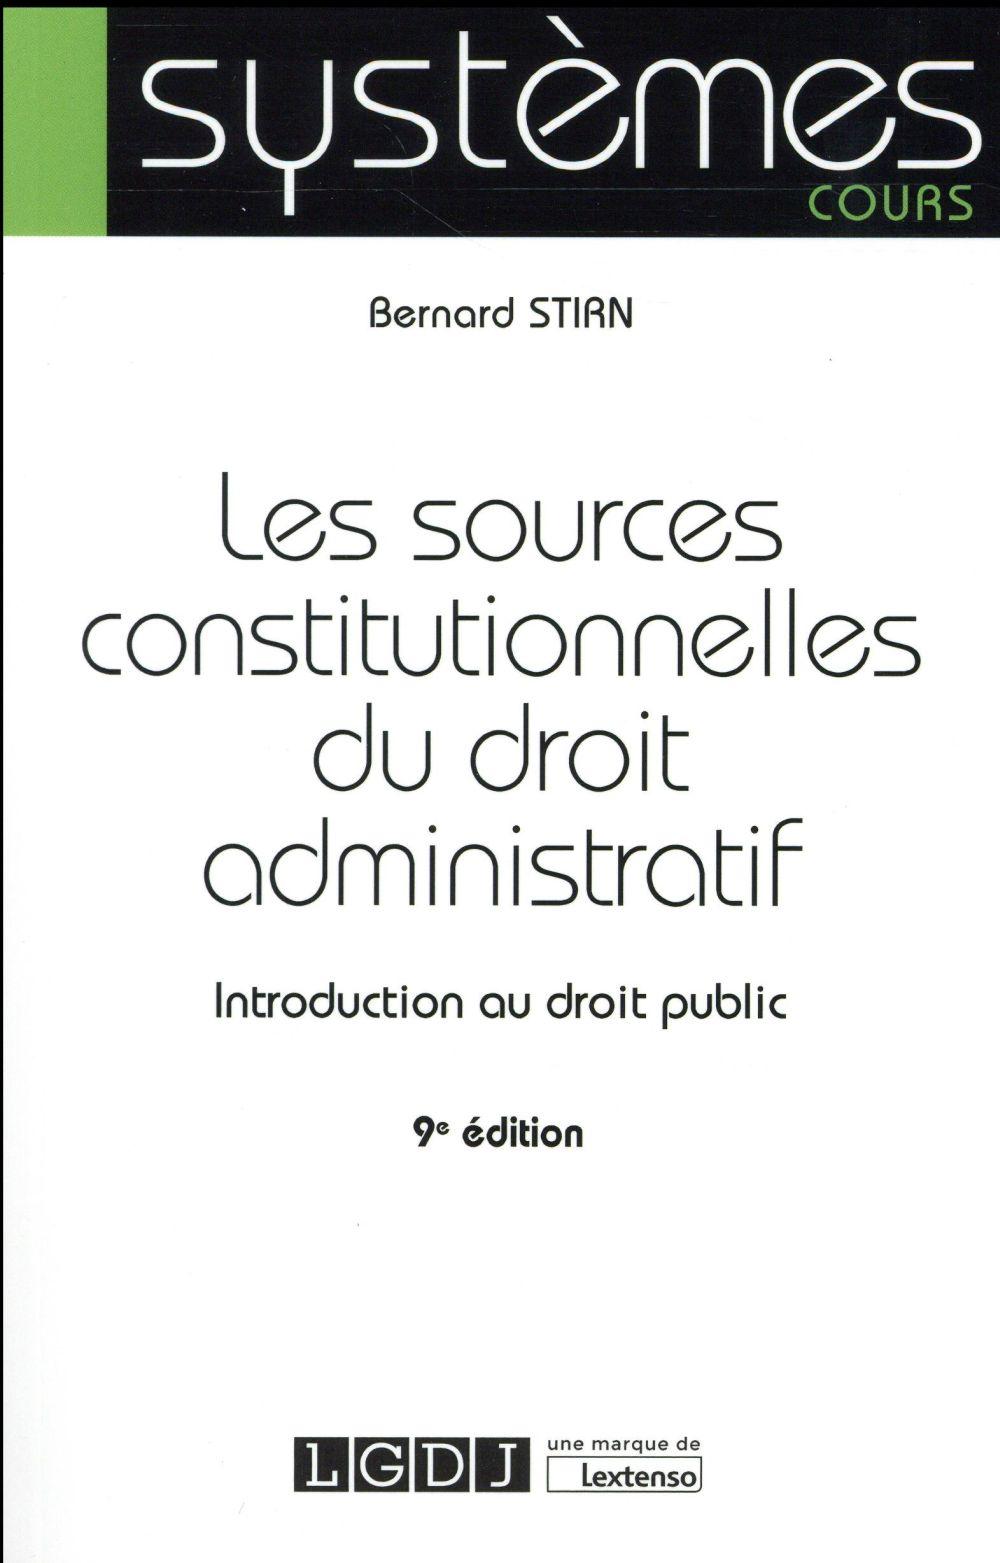 Les sources constitutionnelles du droit administratif (9e édition)